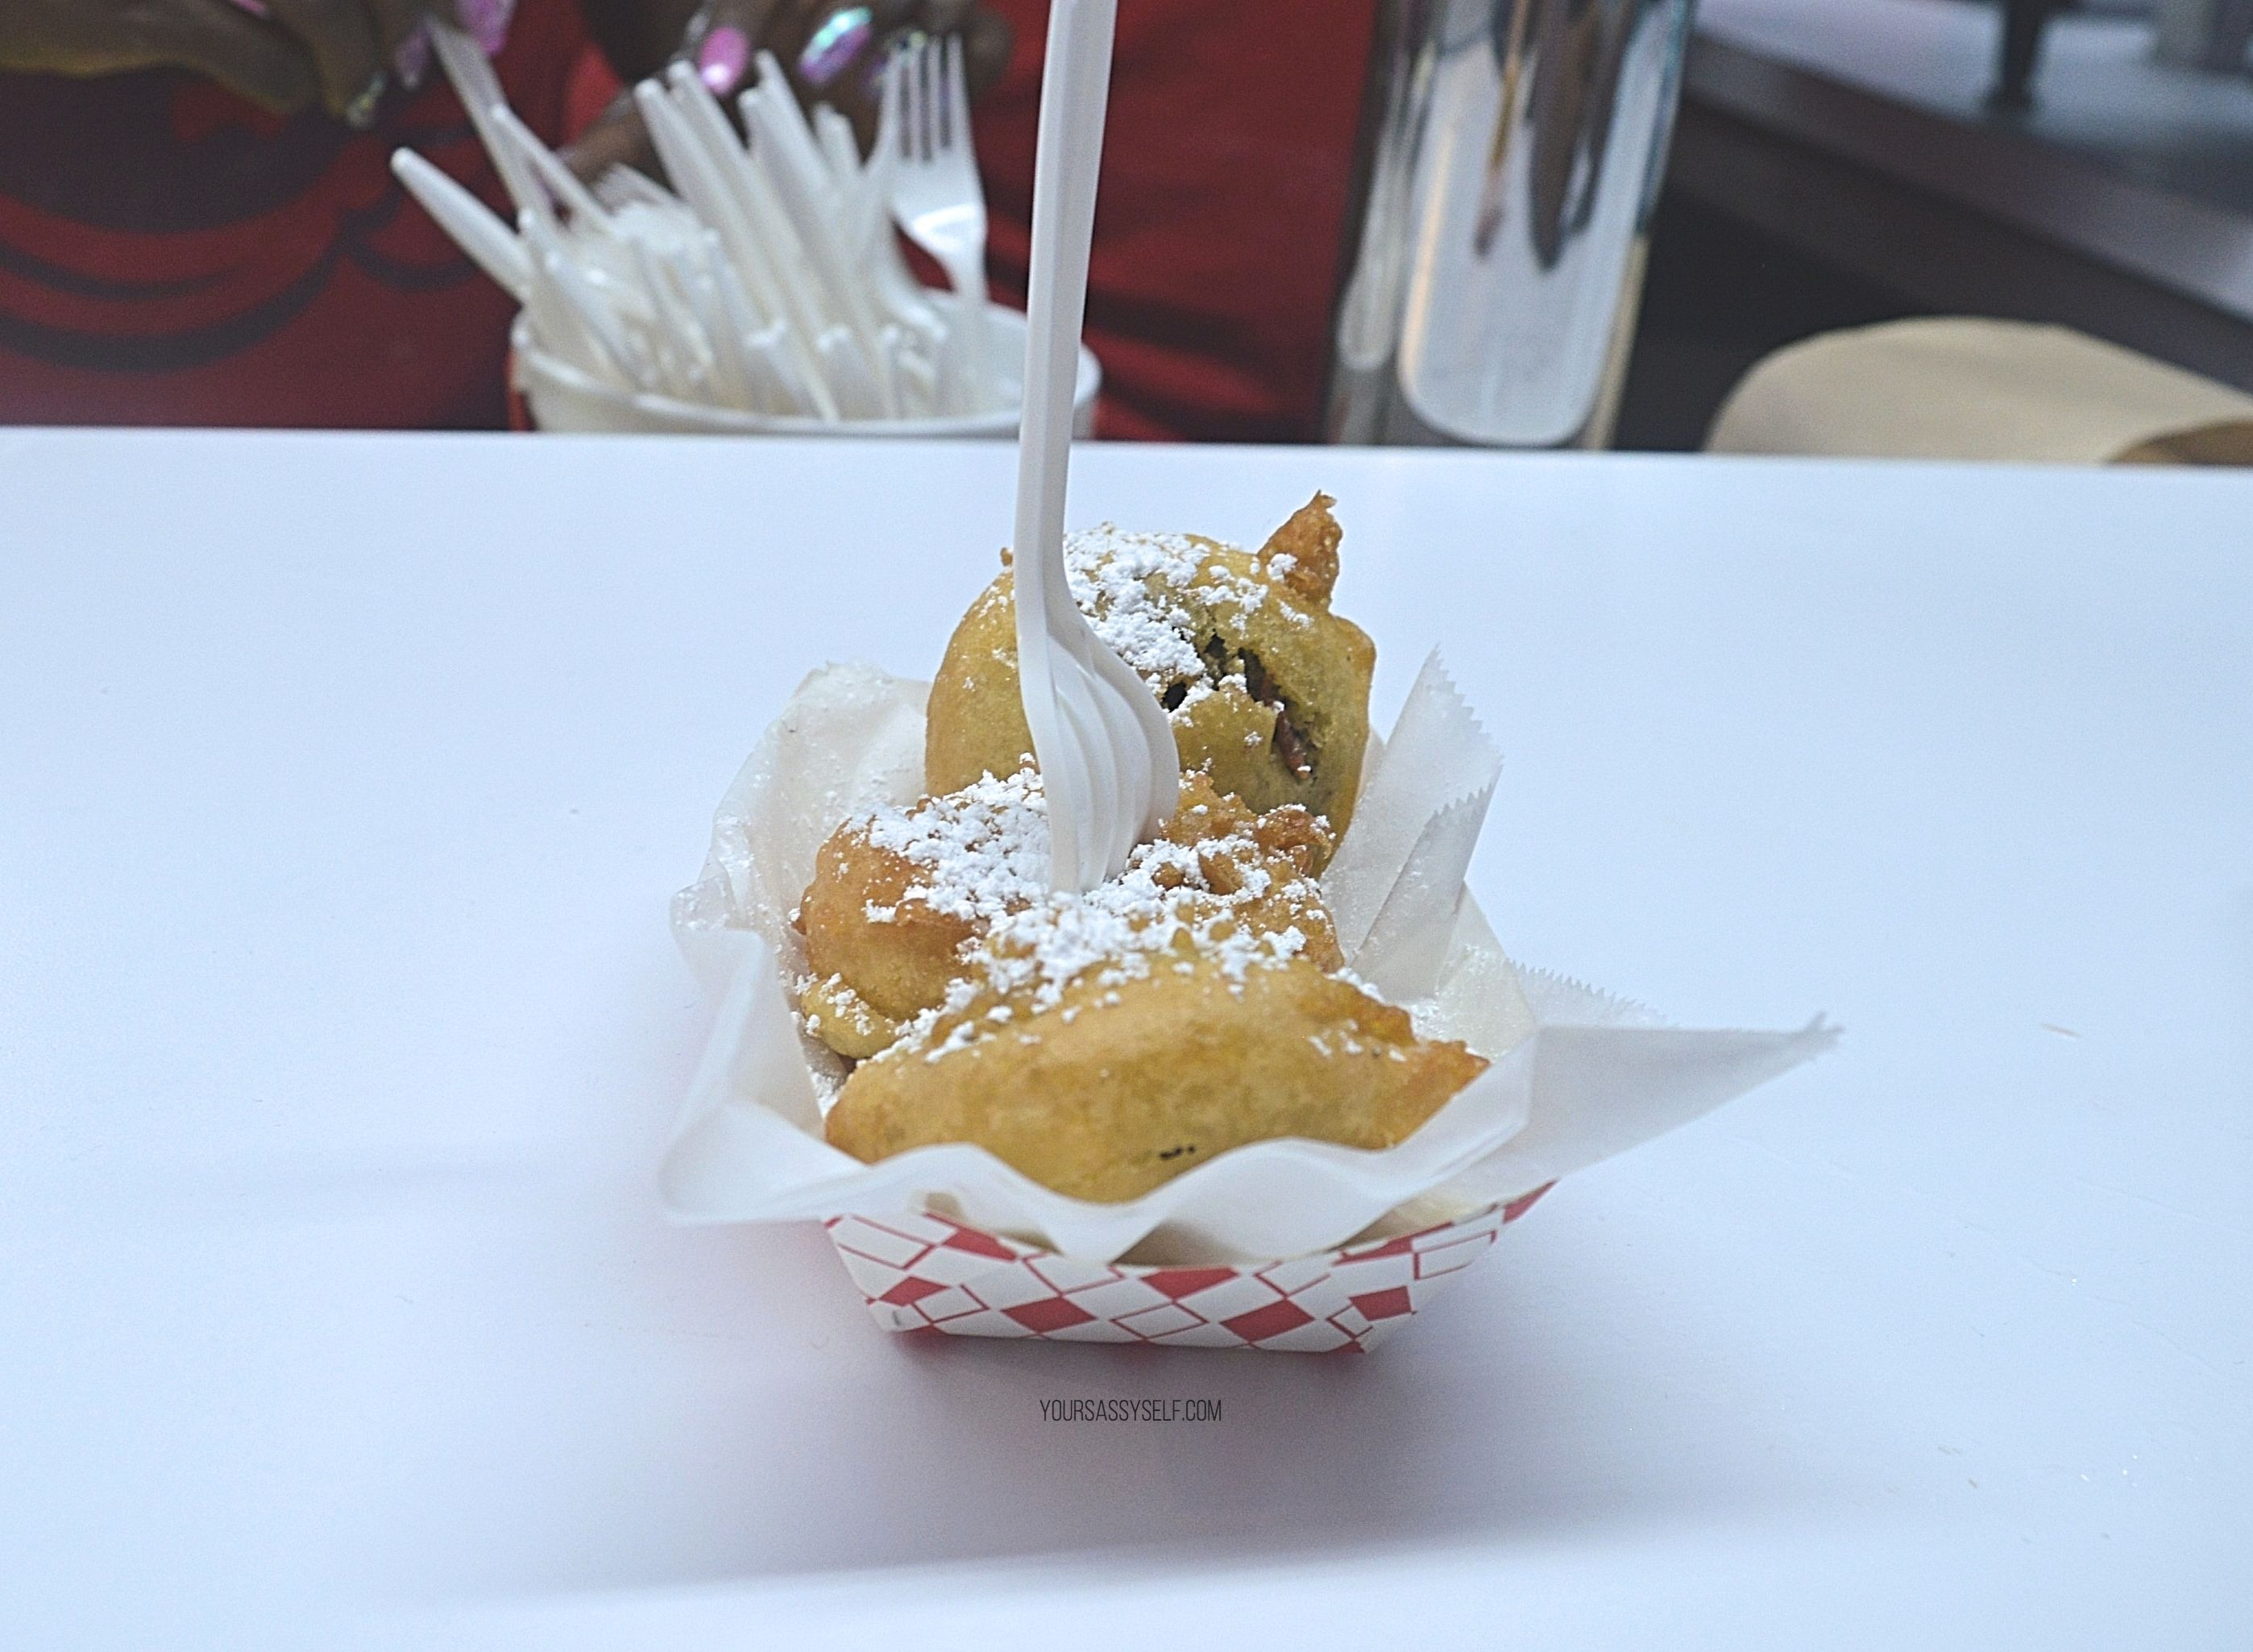 Fried oreos - yoursassyself.com